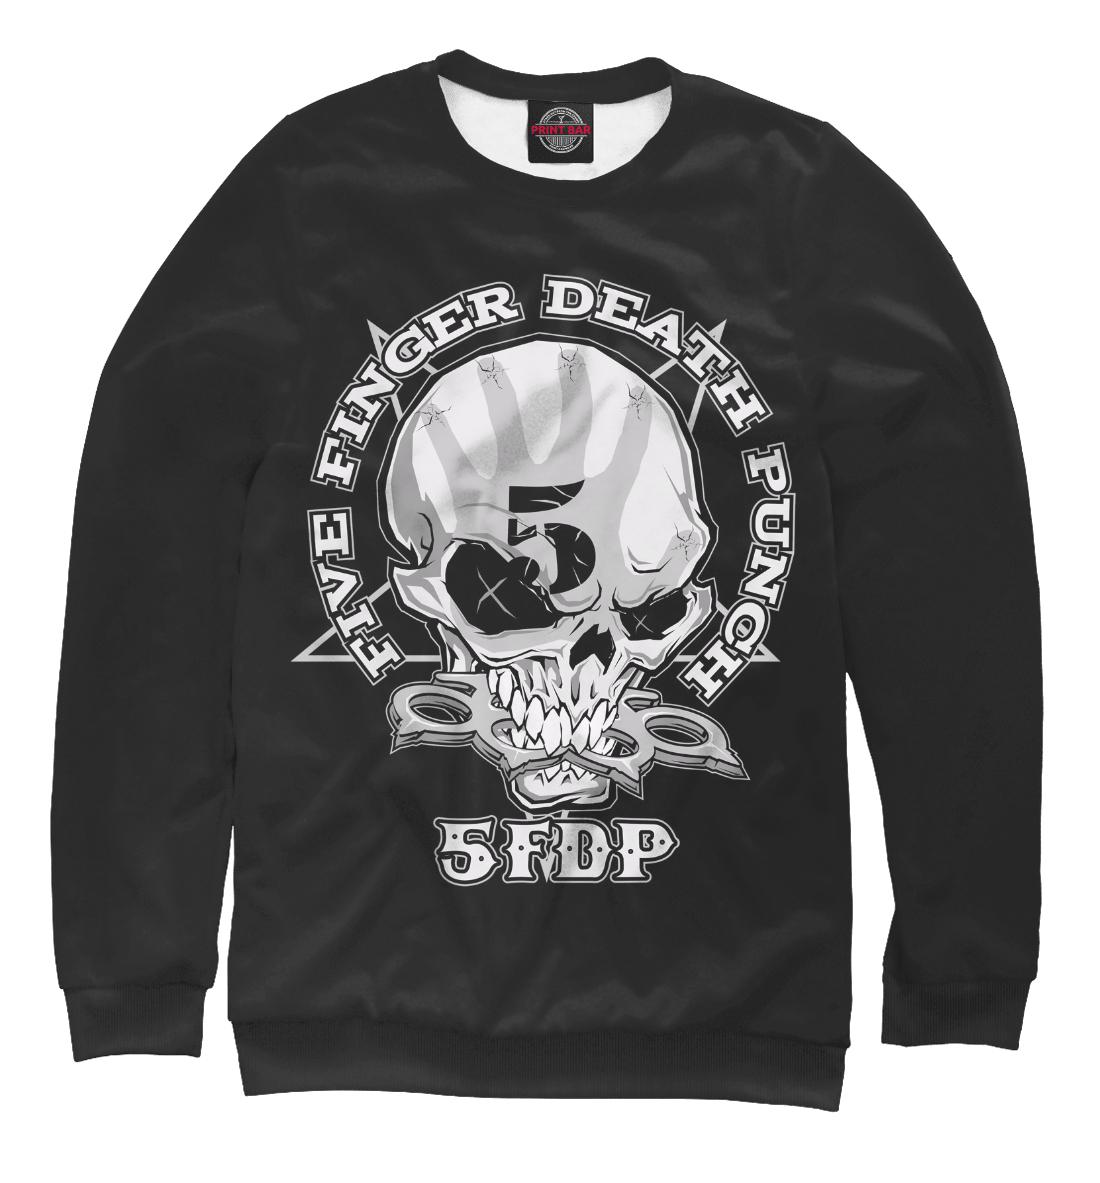 Five Finger Death Punch, Printbar, Свитшоты, FFD-392403-swi-1  - купить со скидкой